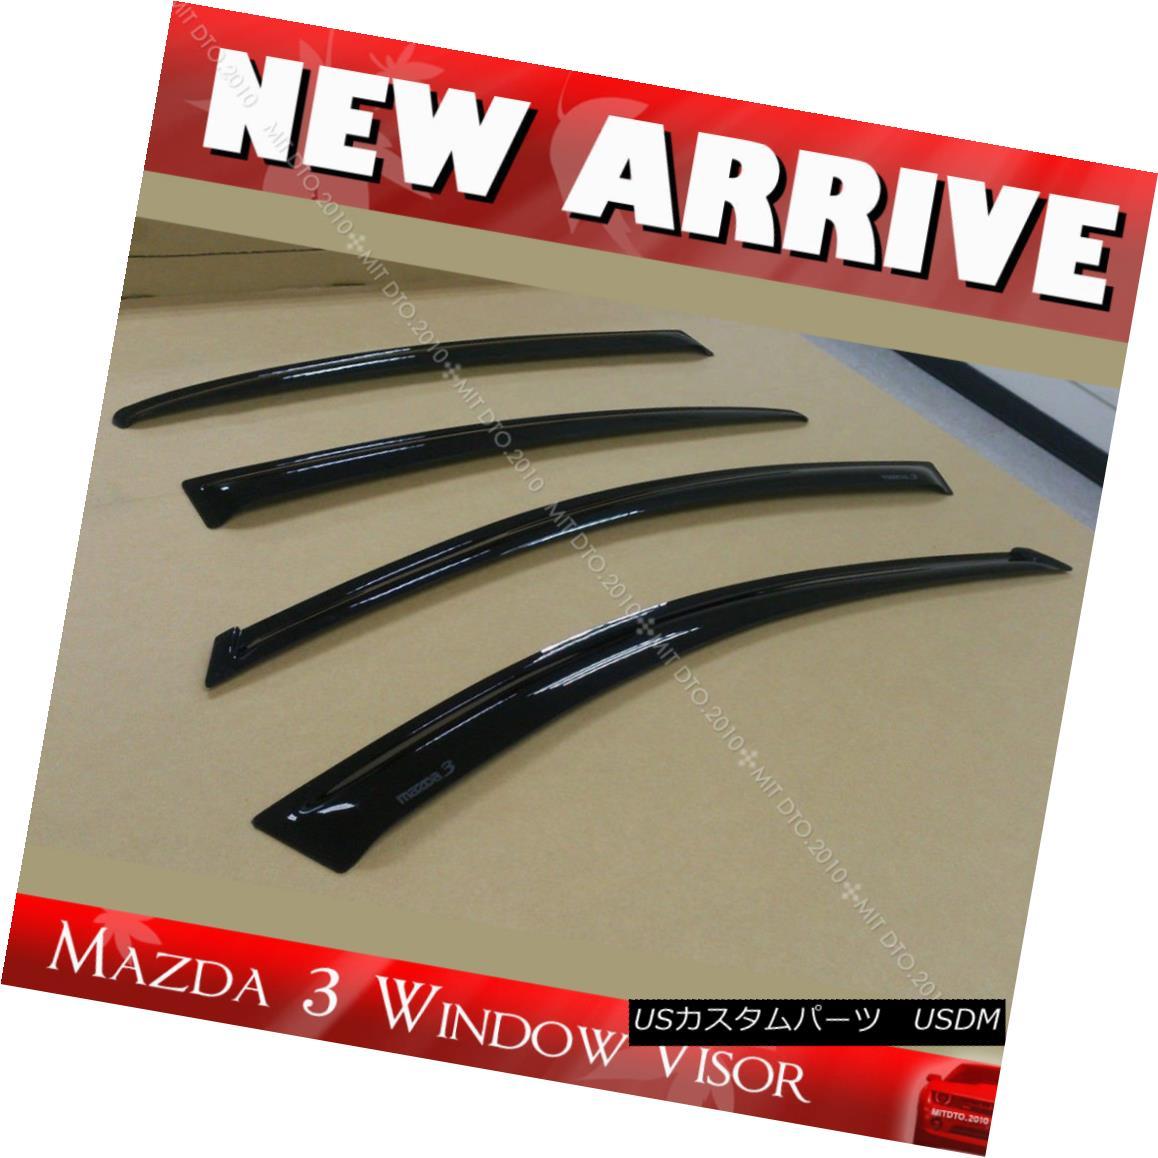 エアロパーツ Mazda 3 2010-2012 4D Window Visor Vent Sun Shade Rain Guard 4pcs マツダ3 2010-2012 4Dウィンドウバイザーベントサンシェイドレインガード4本